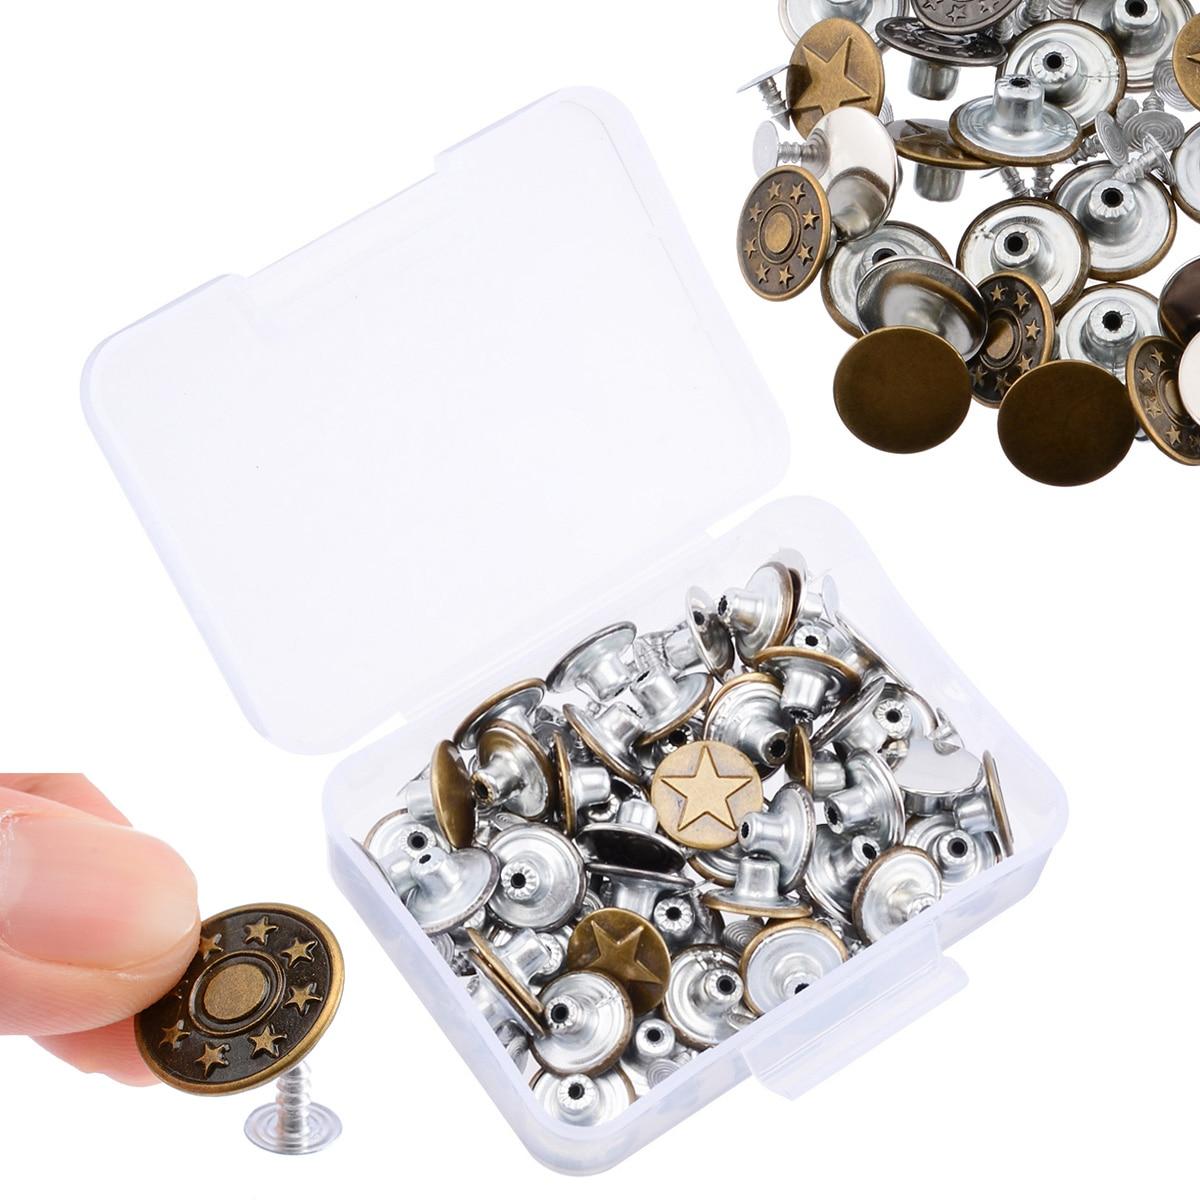 50 unids/set Metal Cierre de perno prisionero de prensa botones Poppers de artesanía de cuero botón magnético Jeans chaqueta de Metal Tack botón